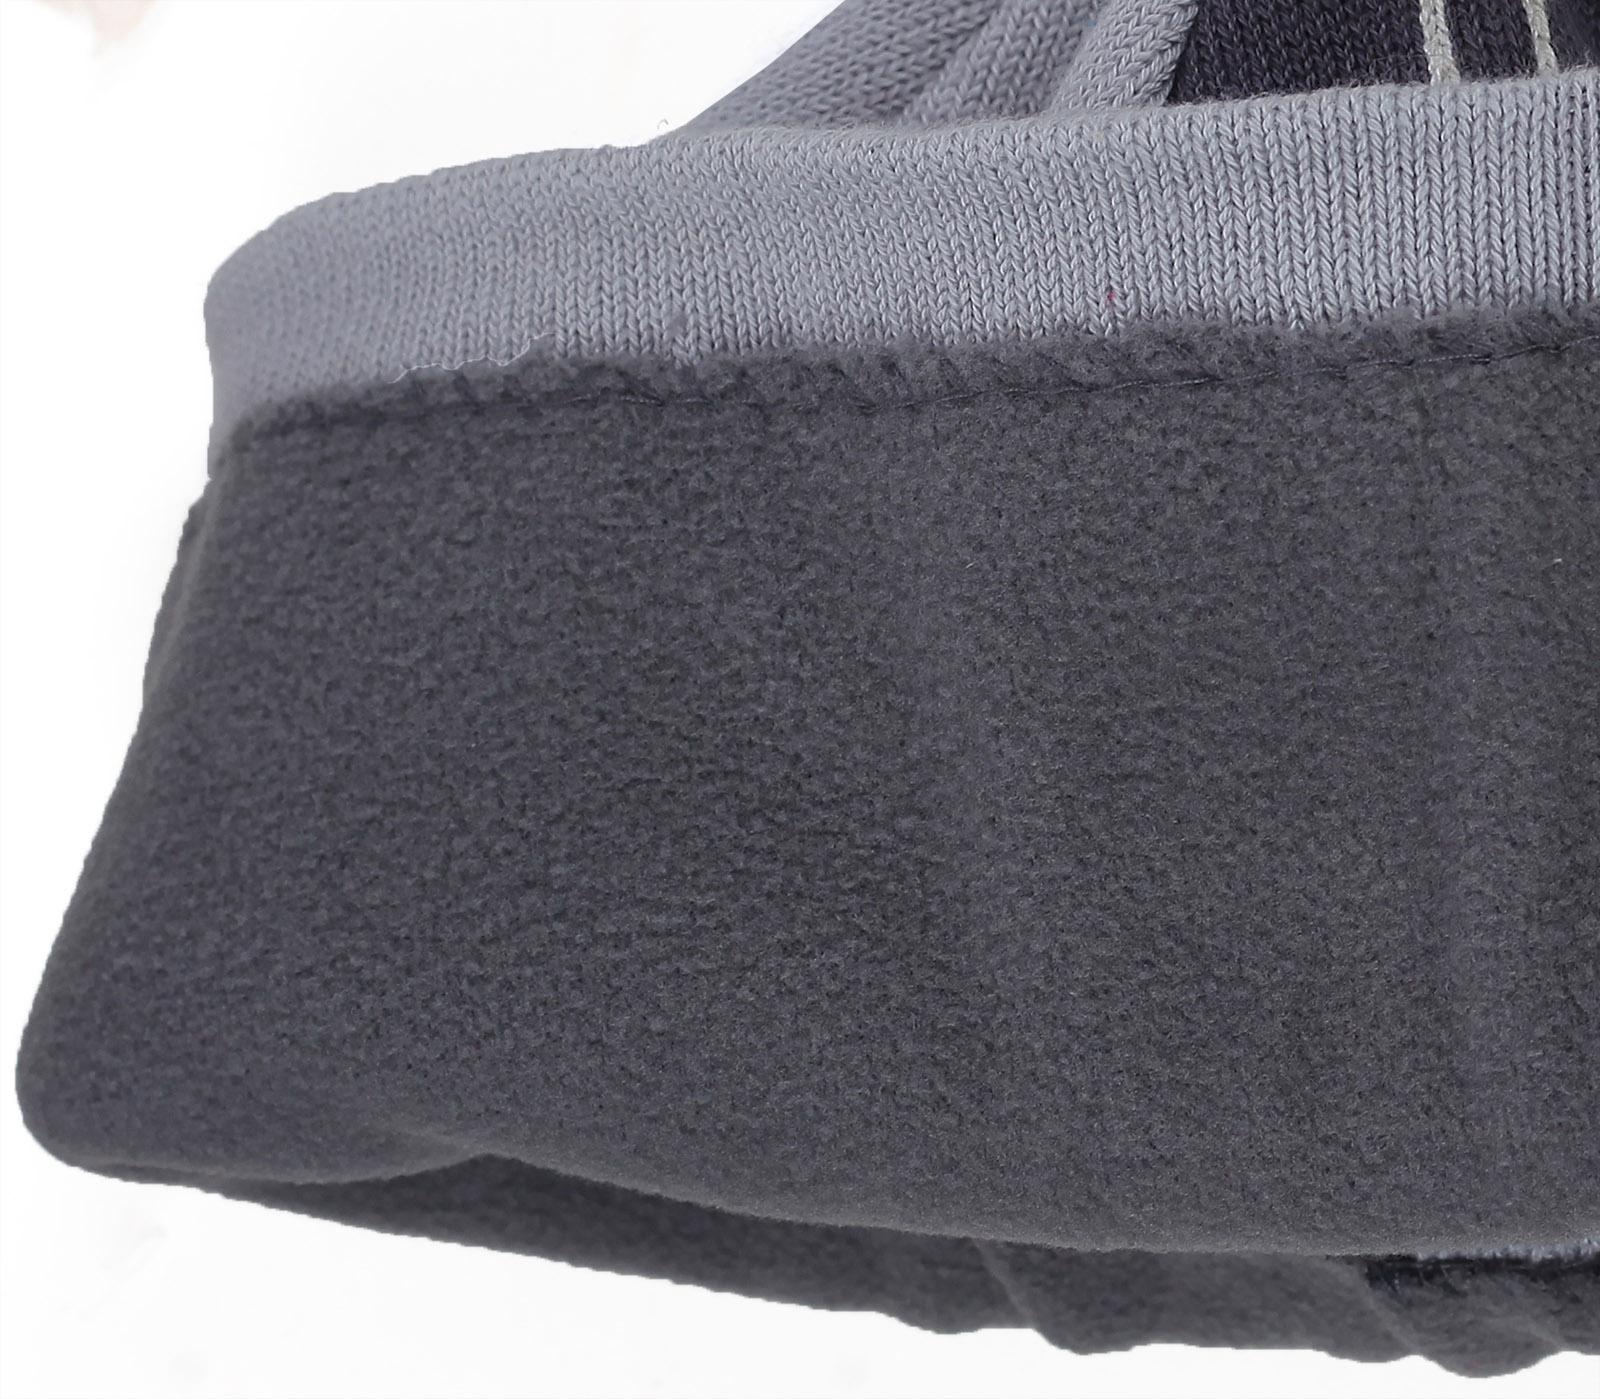 Купить гламурную женственную зимнюю шапку с лисой бренда ActionFox утепленную флисовой подкладкой по привлекательной цене